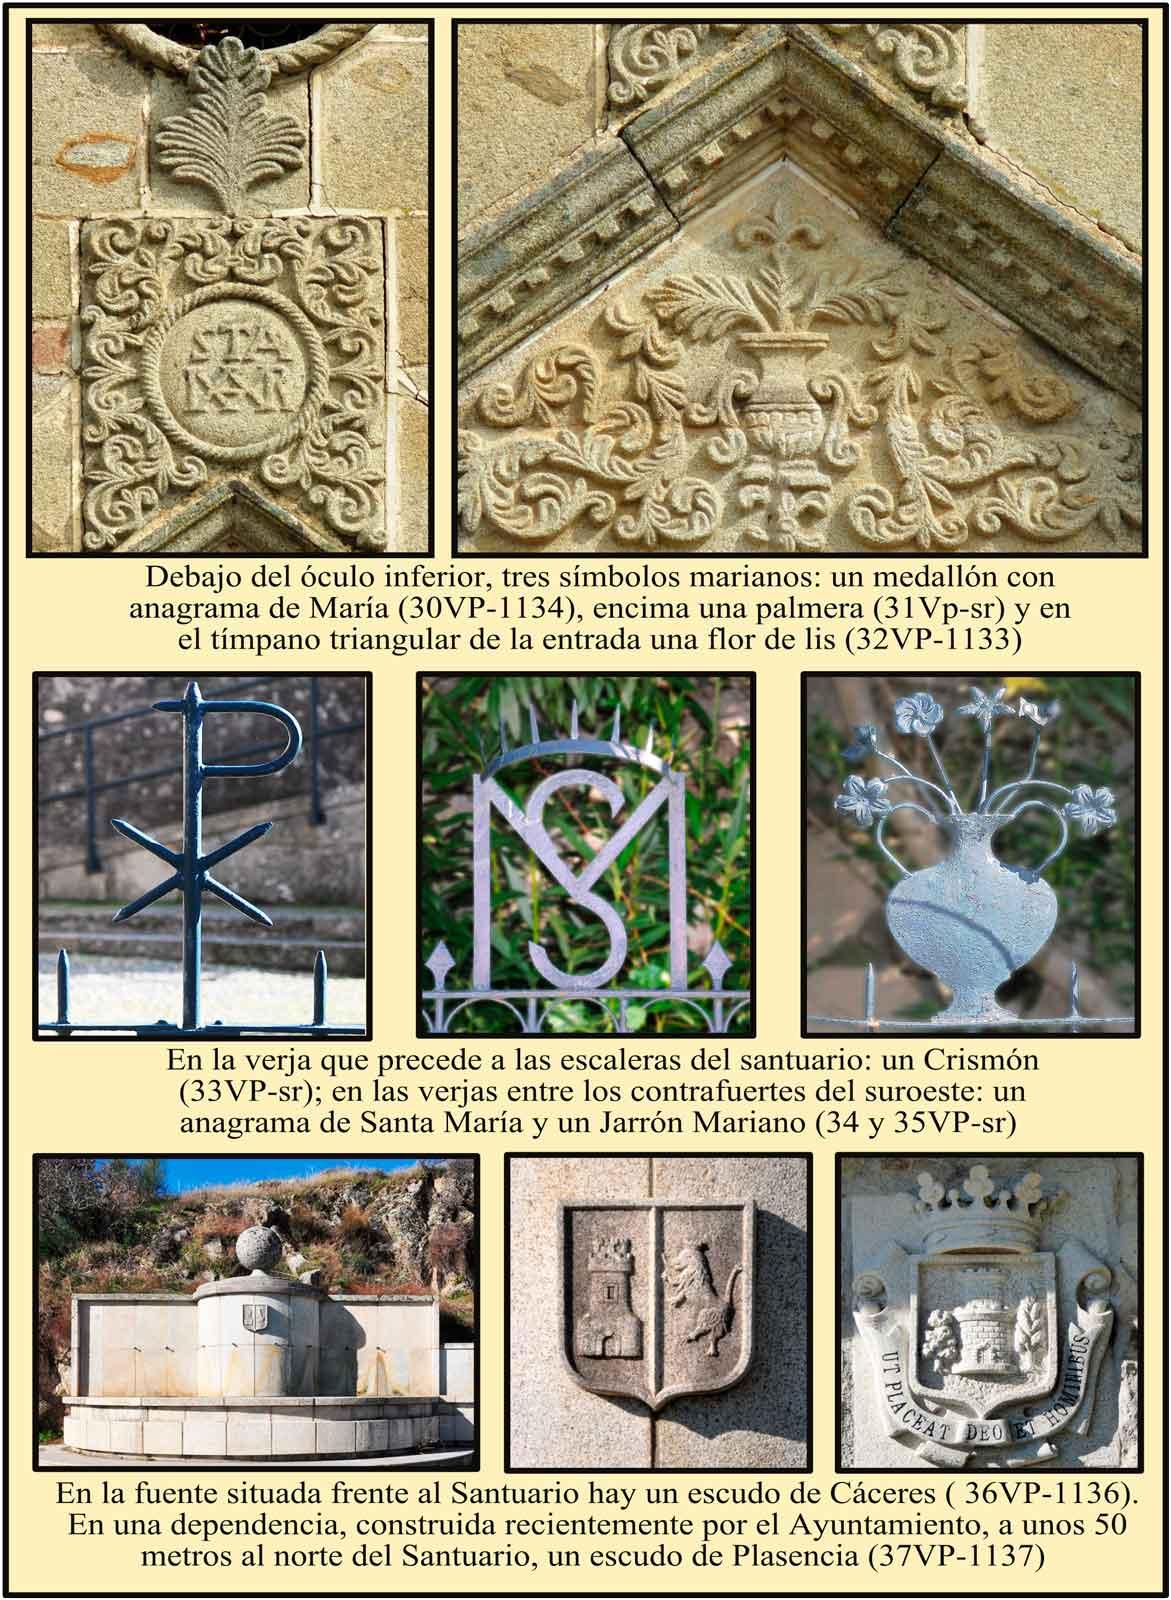 Simbolos marianos sobre la puerta de entrada a la ermita de la Virgen del Puerto